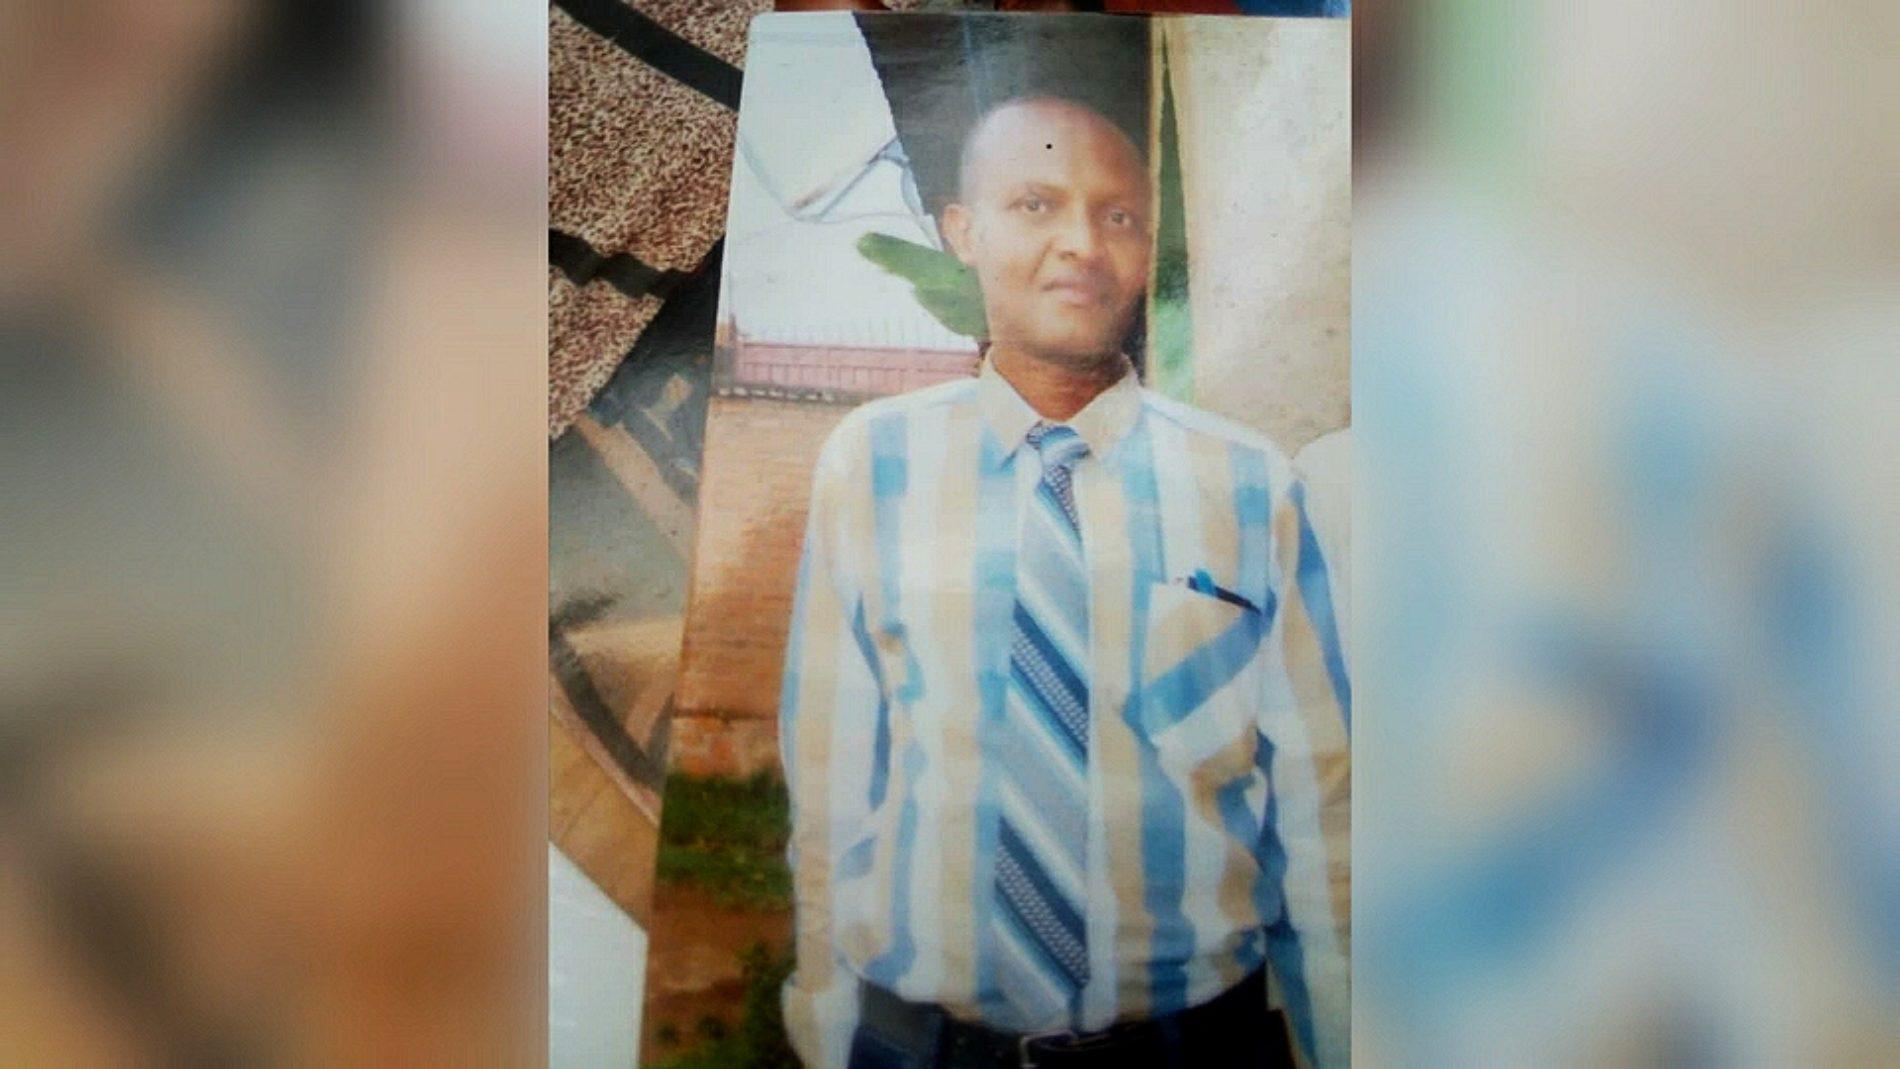 Gitega : le parquet requiert 8 ans de prison pour un homme qui a des problèmes mentaux